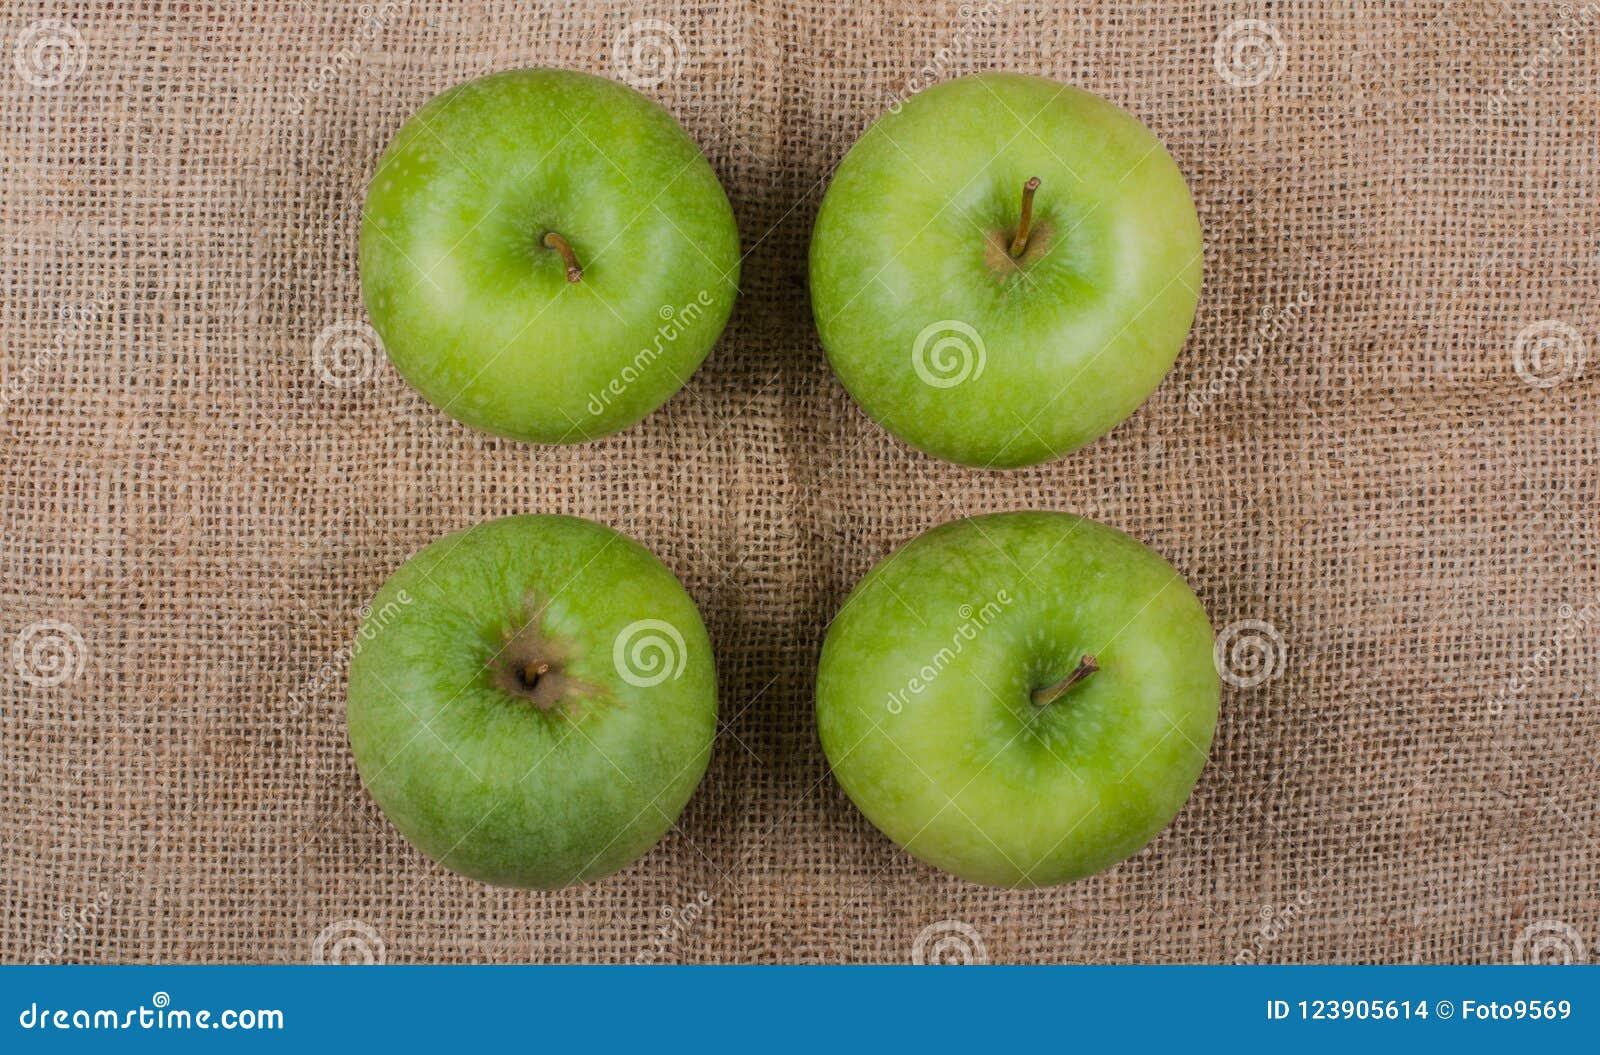 Äpfel fotografiert auf einem Jutefasergewebe